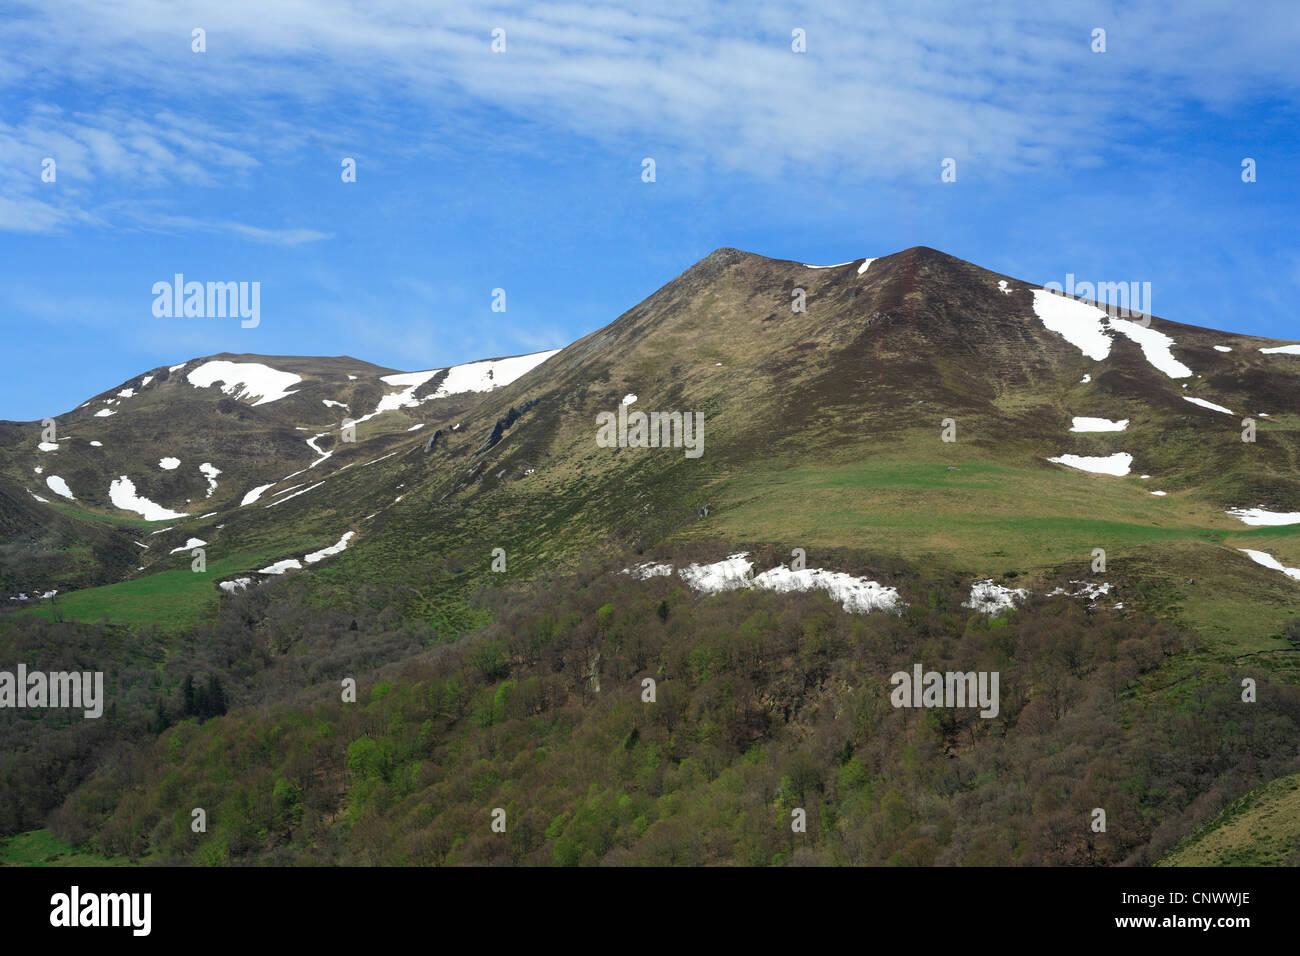 montagnes du massif central france auvergne banque d 39 images photo stock 47897430 alamy. Black Bedroom Furniture Sets. Home Design Ideas